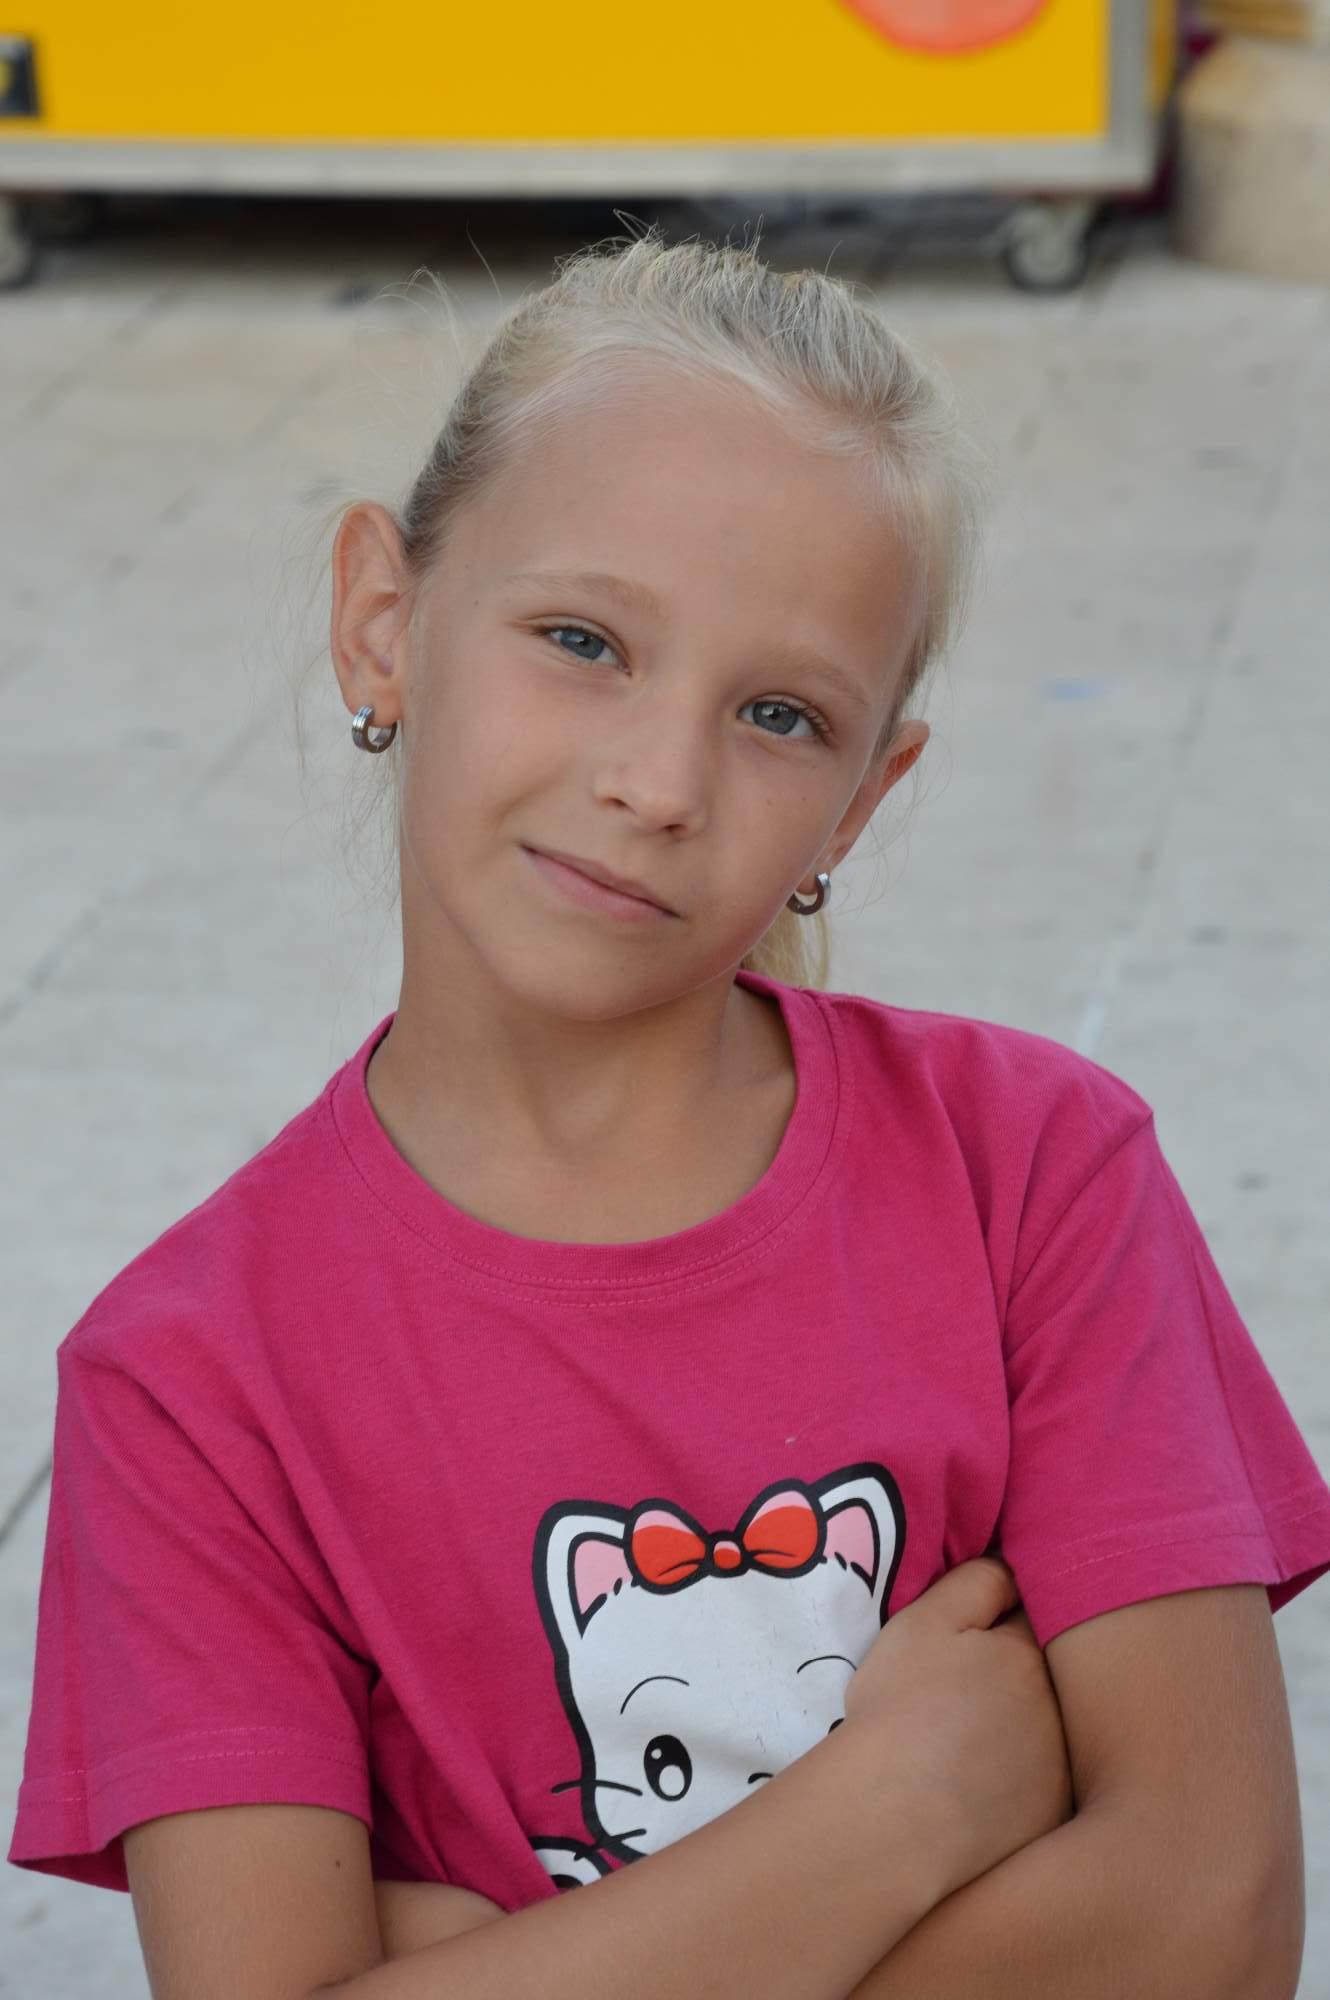 http://img19.rajce.idnes.cz/d1902/11/11369/11369498_ba1b1cc51aa2b100ecd01c05fe1b9075/images/DSC_0100.jpg